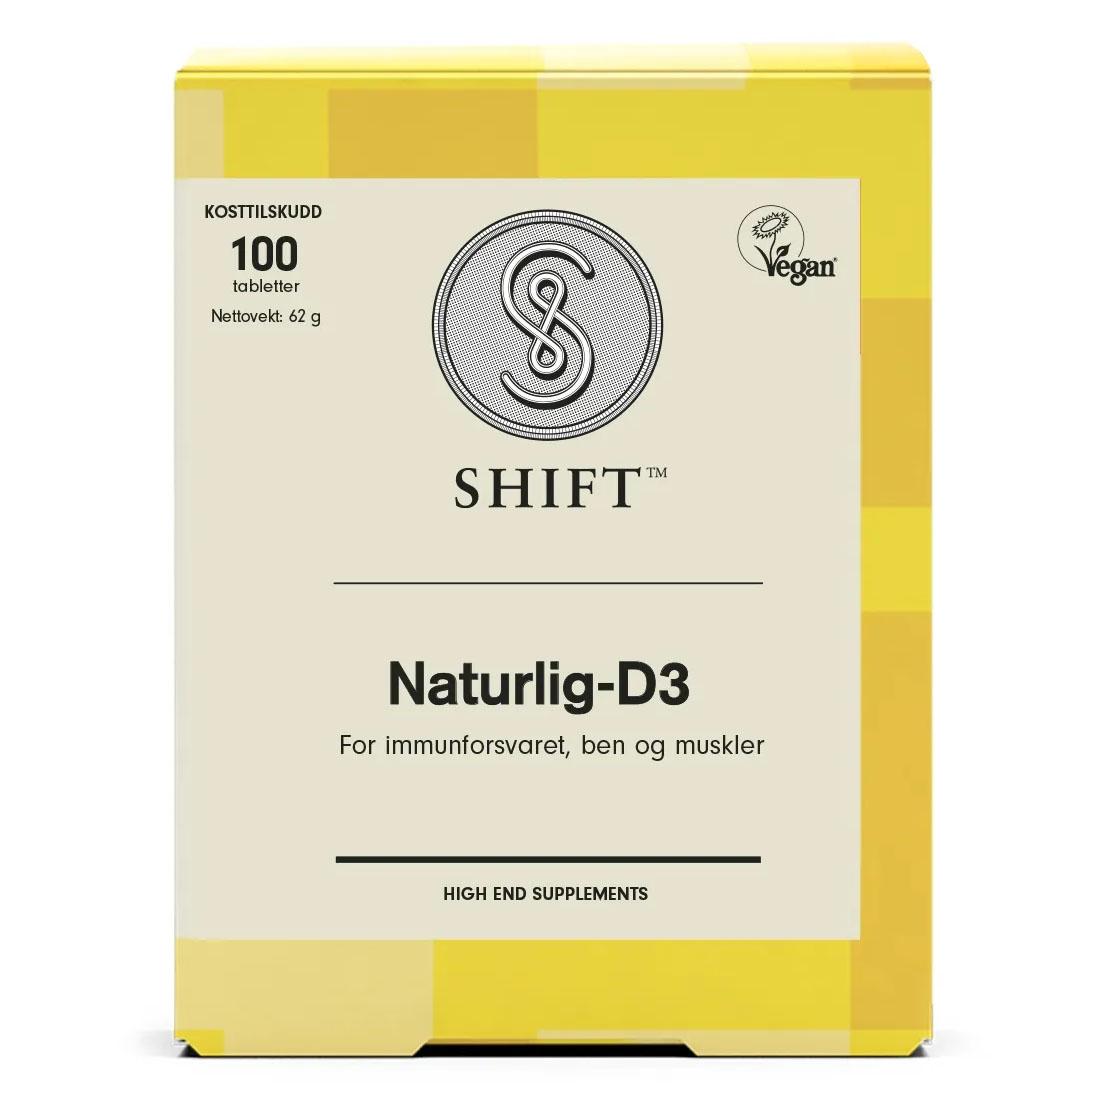 Shift SuperNaturlig-D3 80 µg 100 tab